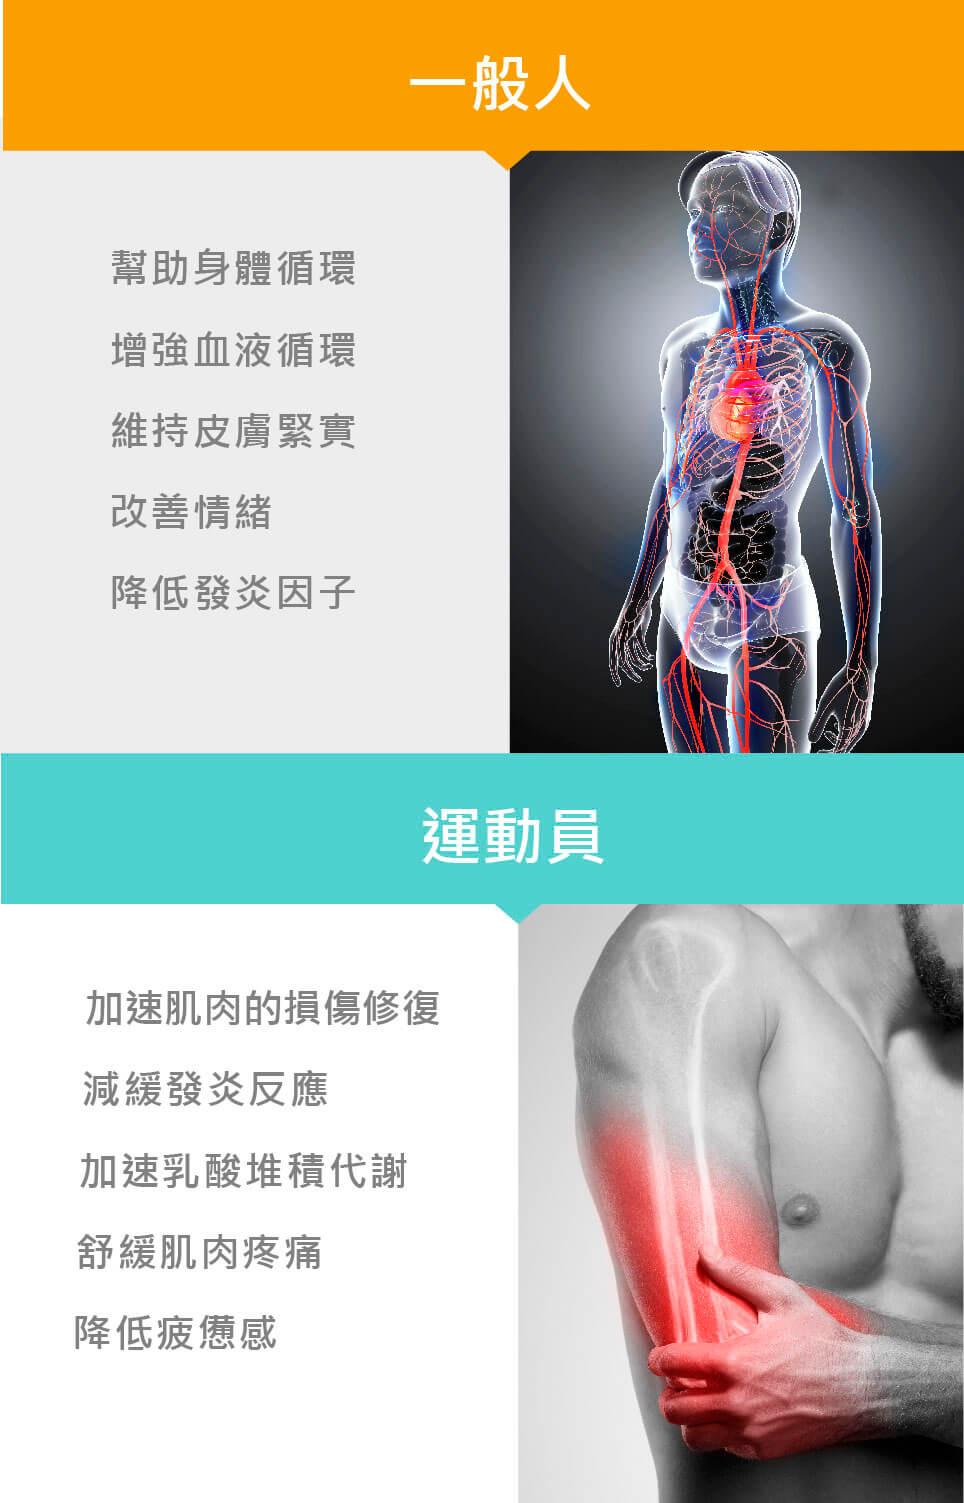 •幫助身體循環 •增強血液循環 •維持皮膚緊實 •改善情緒 •降低發炎因子 •可加速運動後肌肉的損傷修復 •減緩發炎反應 •加速乳酸堆積代謝 •舒緩肌肉疼痛與疲憊感等